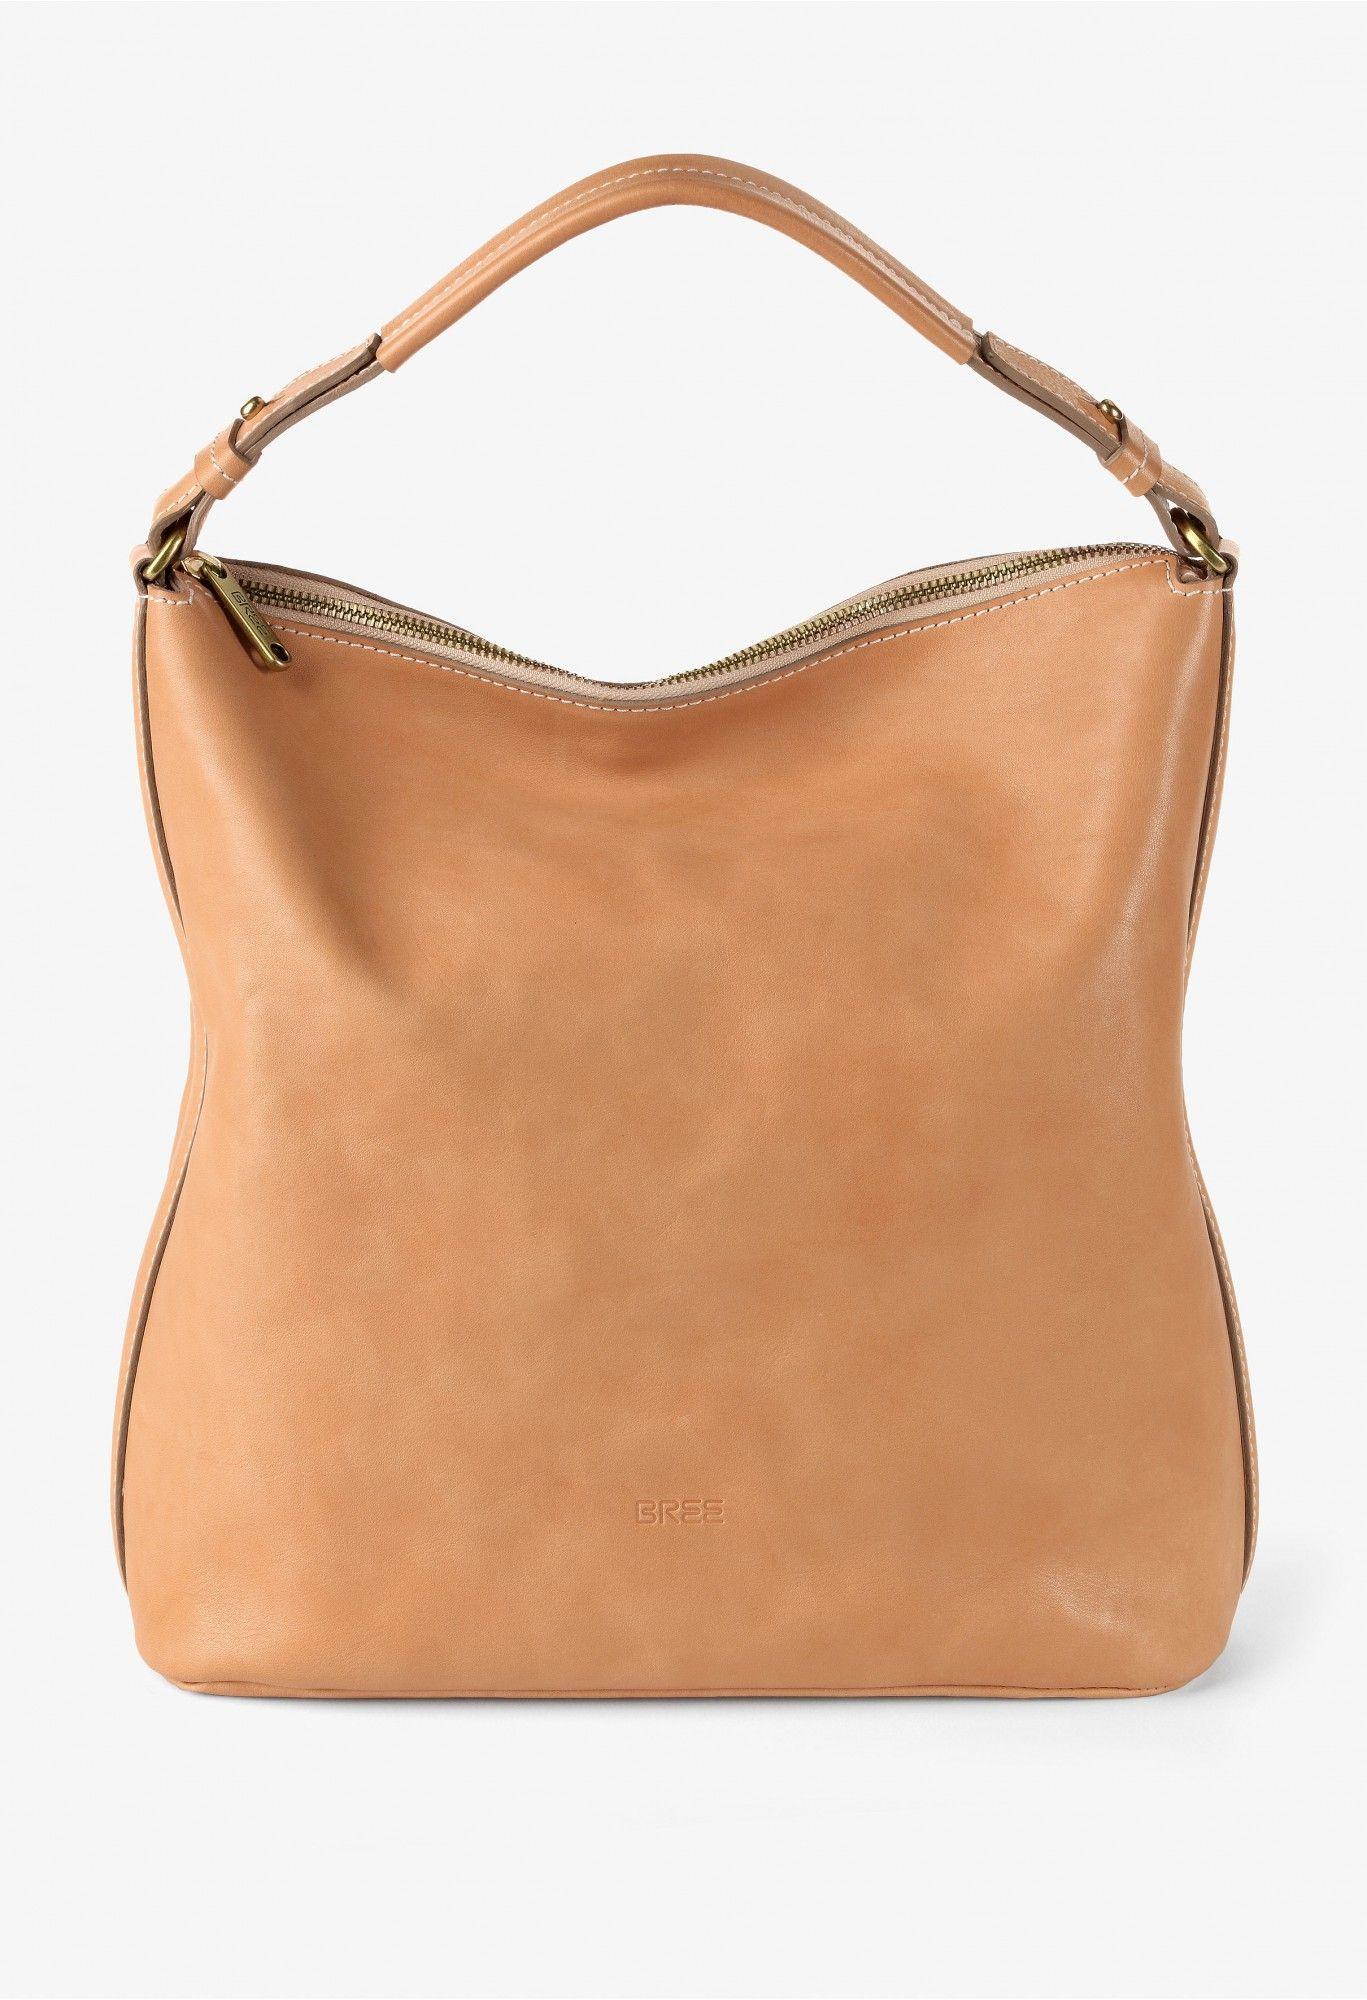 Stockholm 5   Shopper   Handtaschen   Damen   BREE Online Store